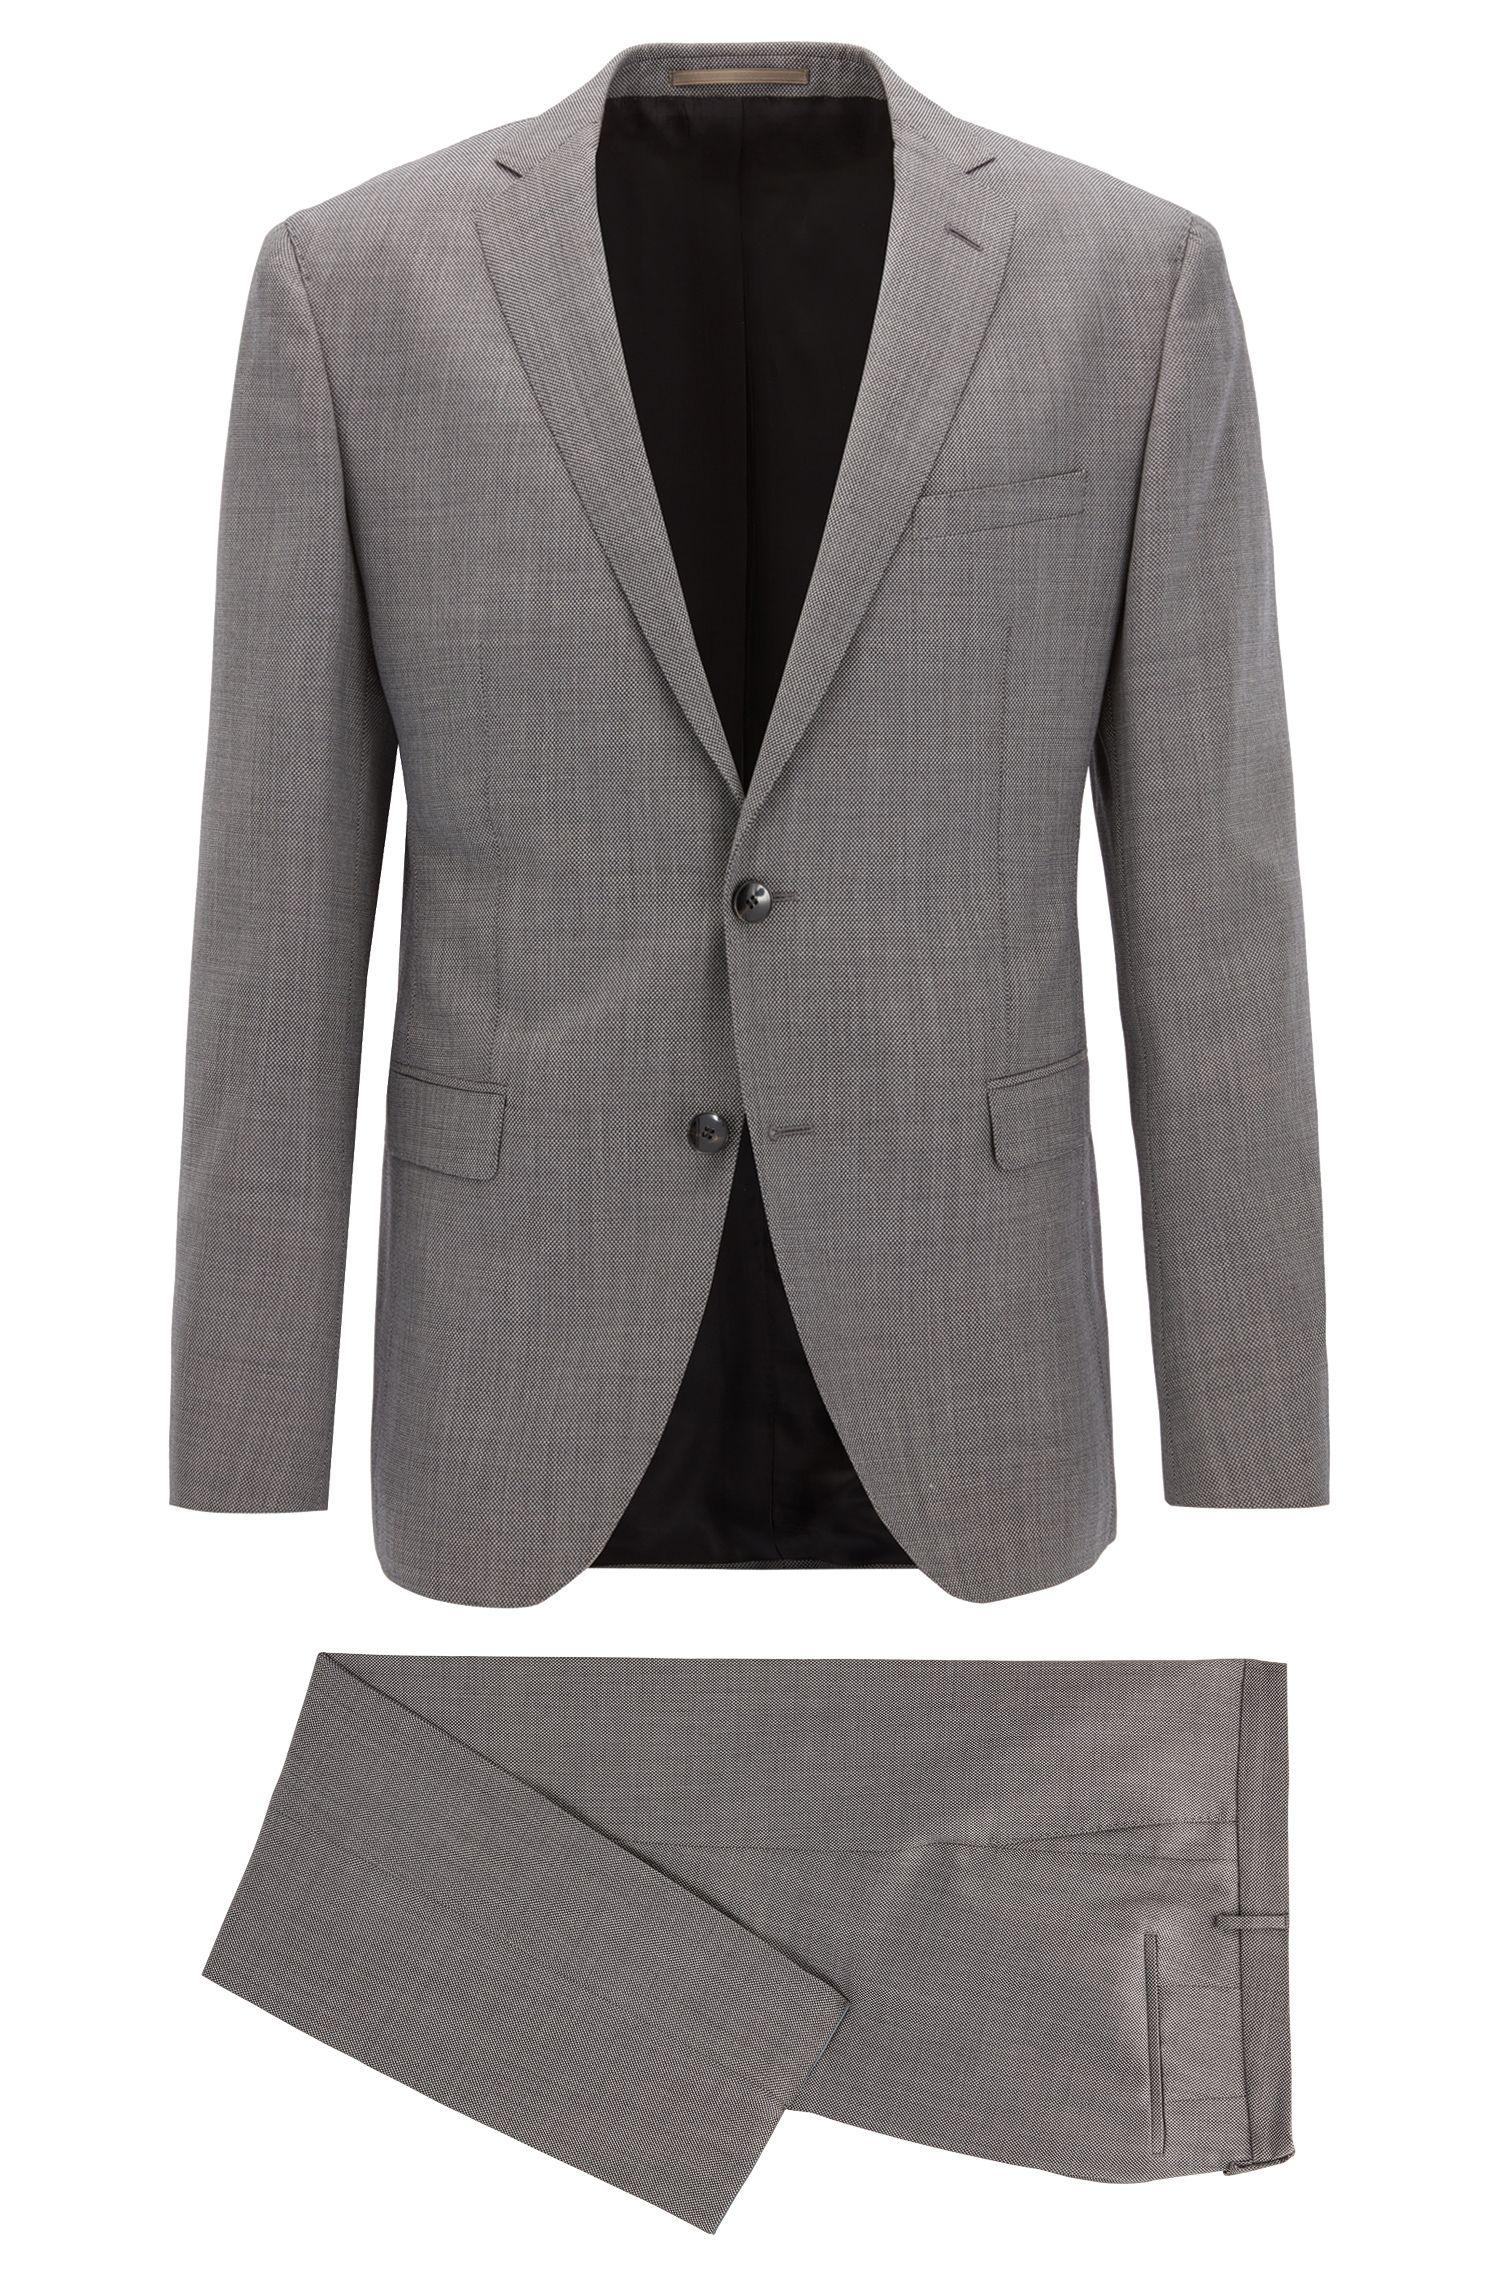 Sharkskin Virgin Wool Suit, Extra Slim Fit | Reyno/Wave